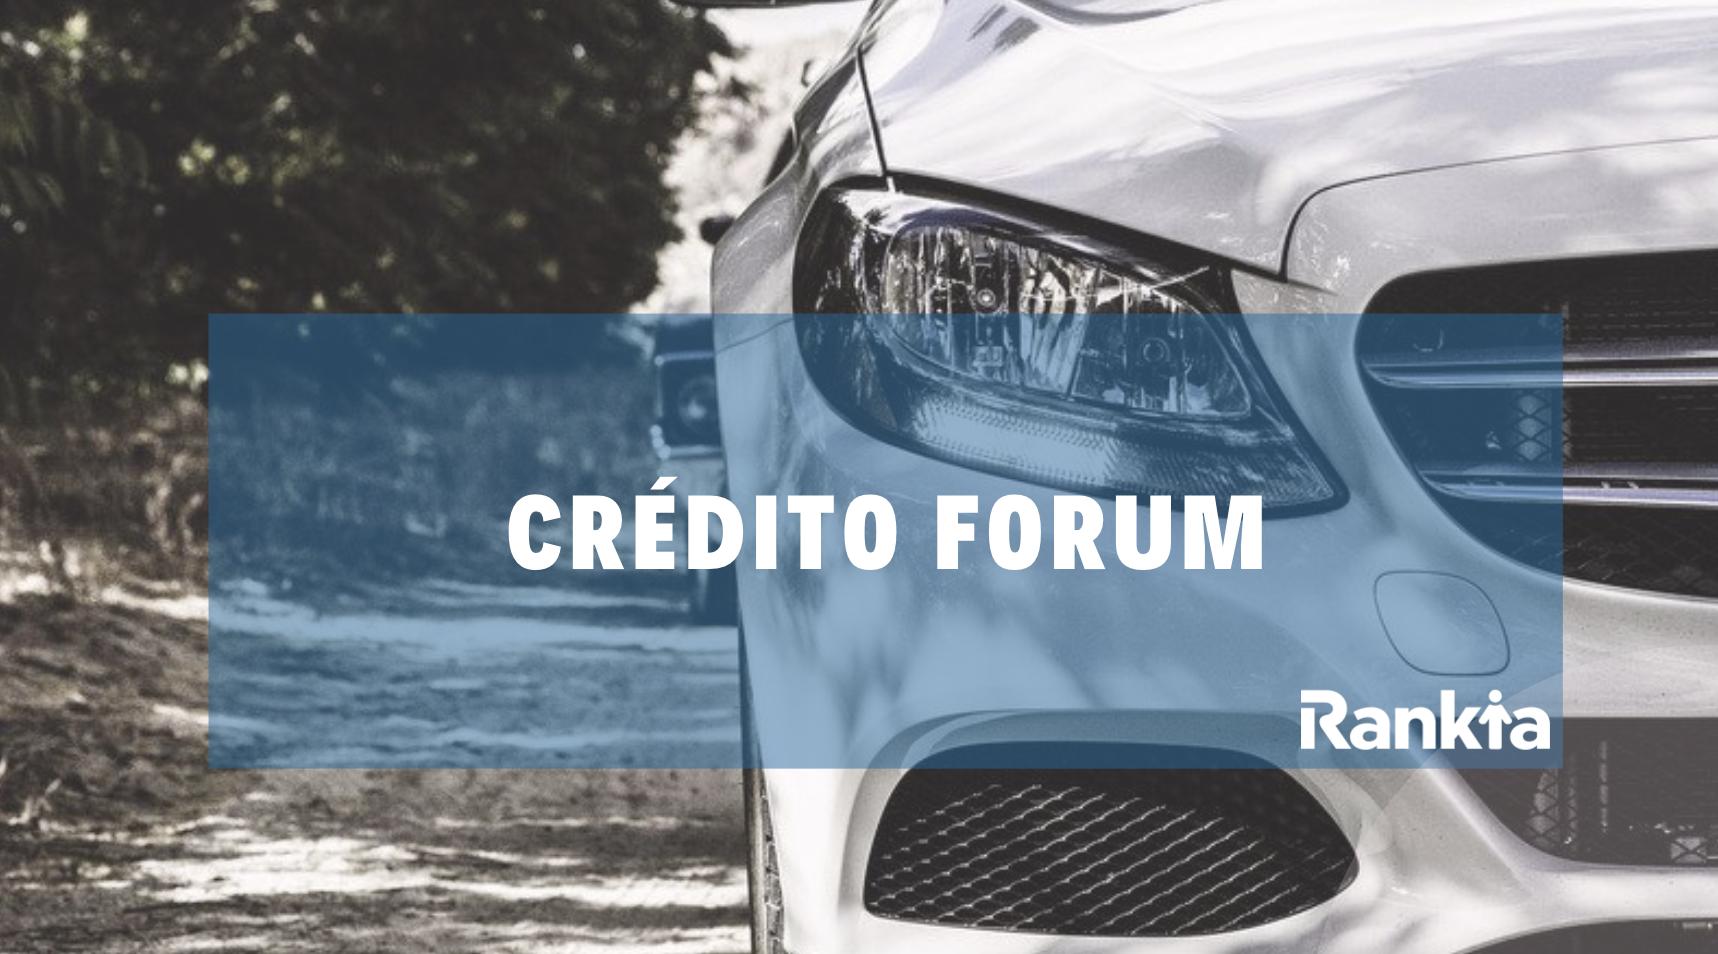 ¿Qué es el crédito Forum?